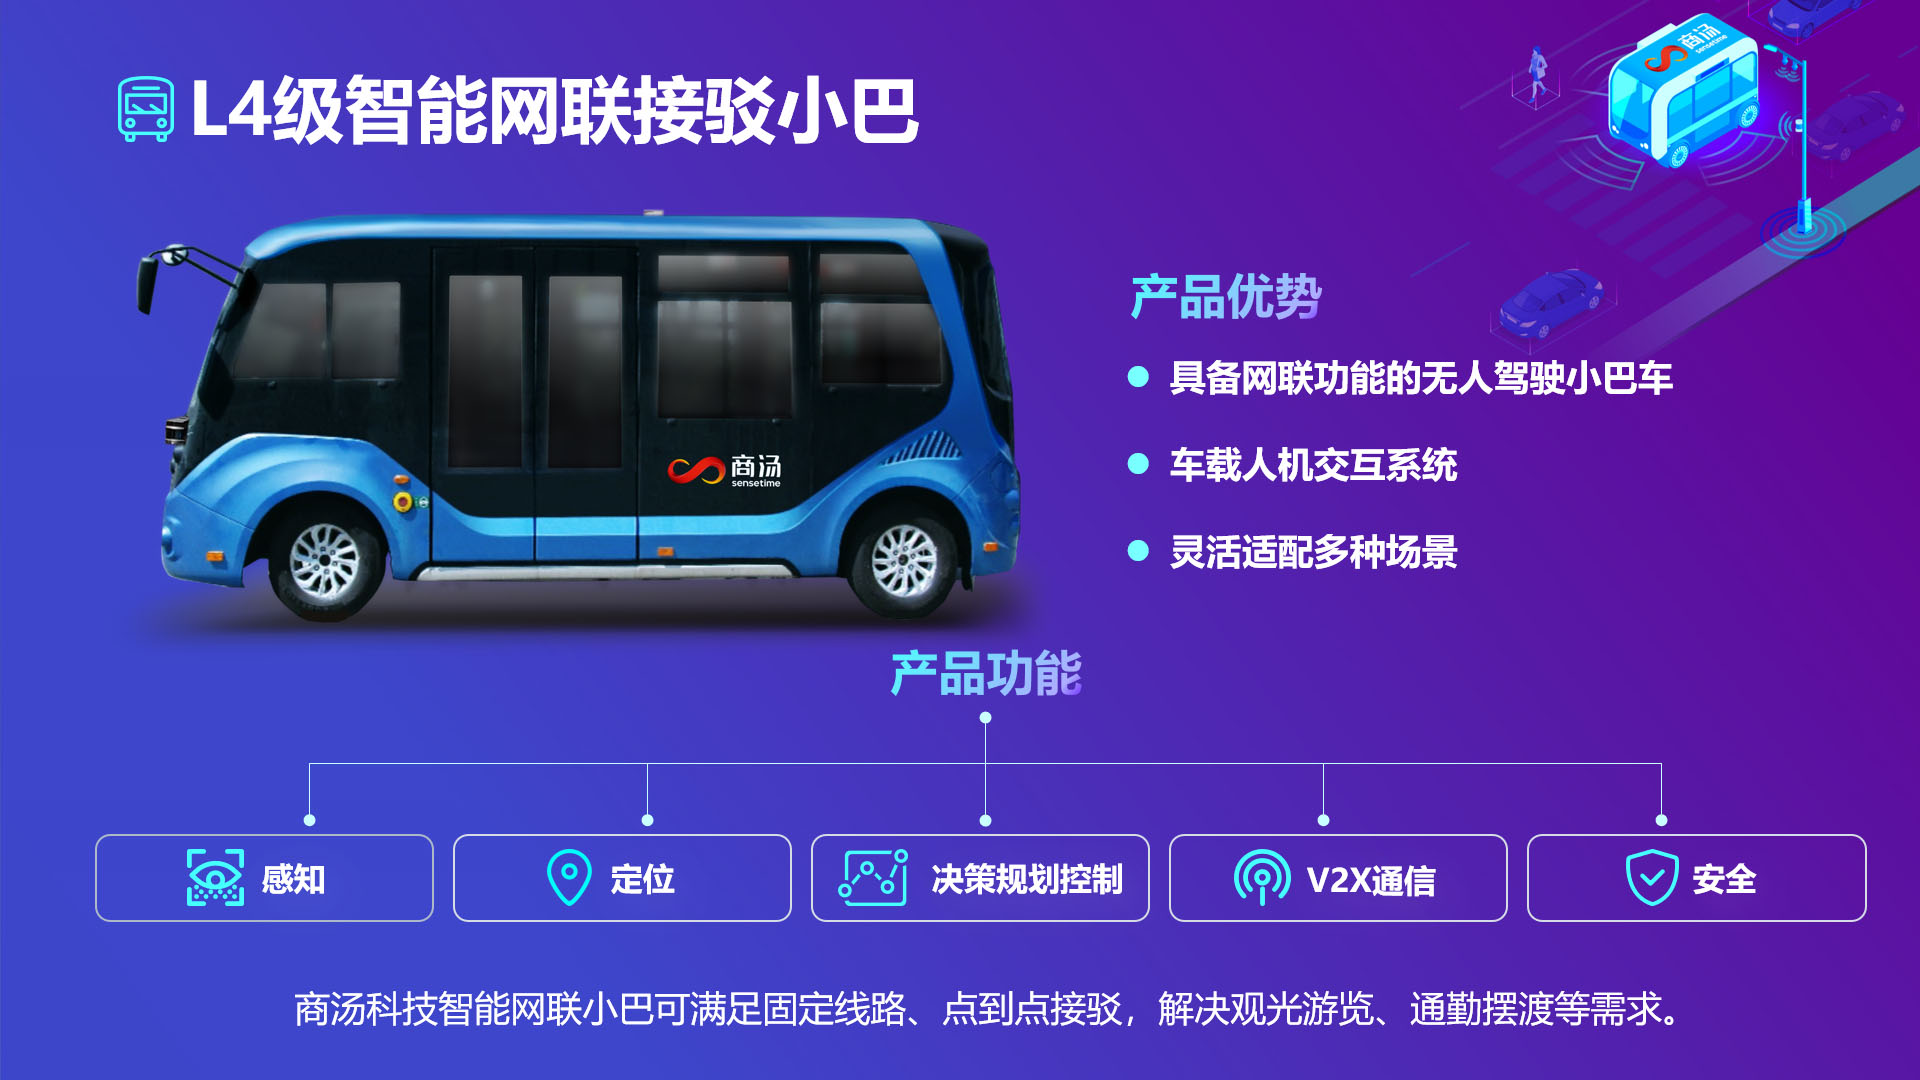 商汤发布L4级接驳小巴和智能路侧感知解决方案,加速V2X创新